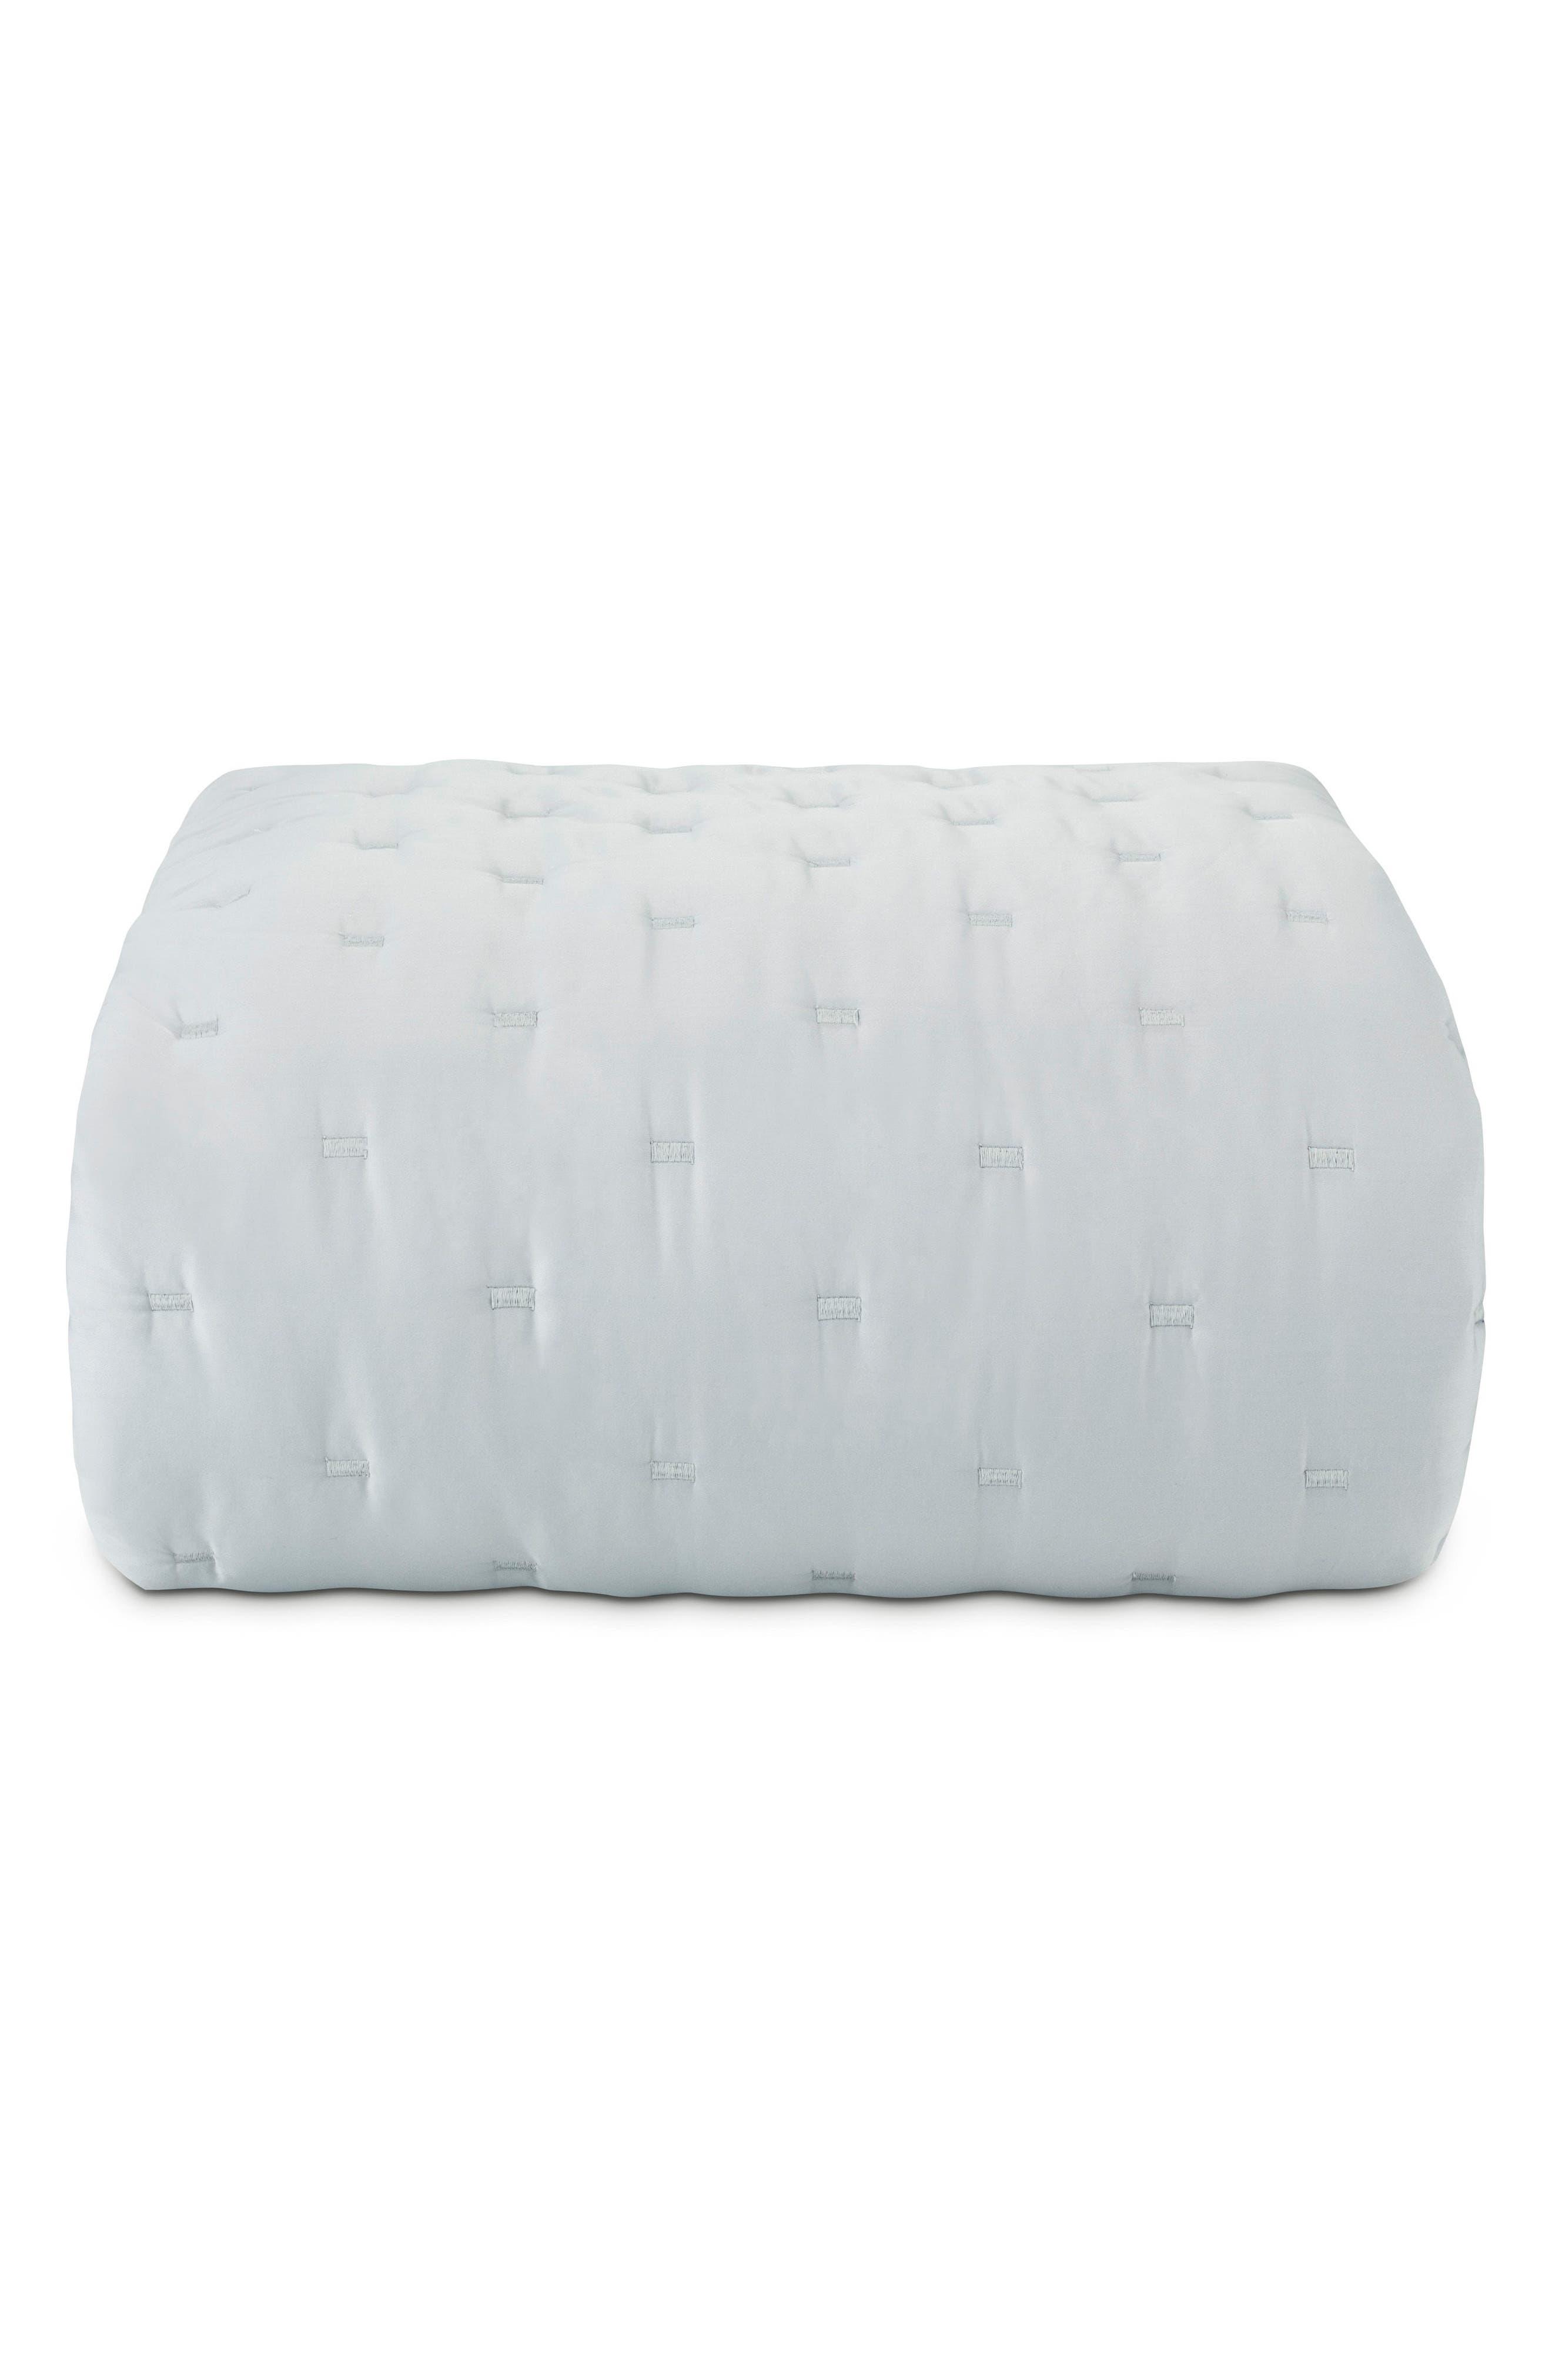 silo super top co pillow mattress wang everett twin nongzi vera valley spt e